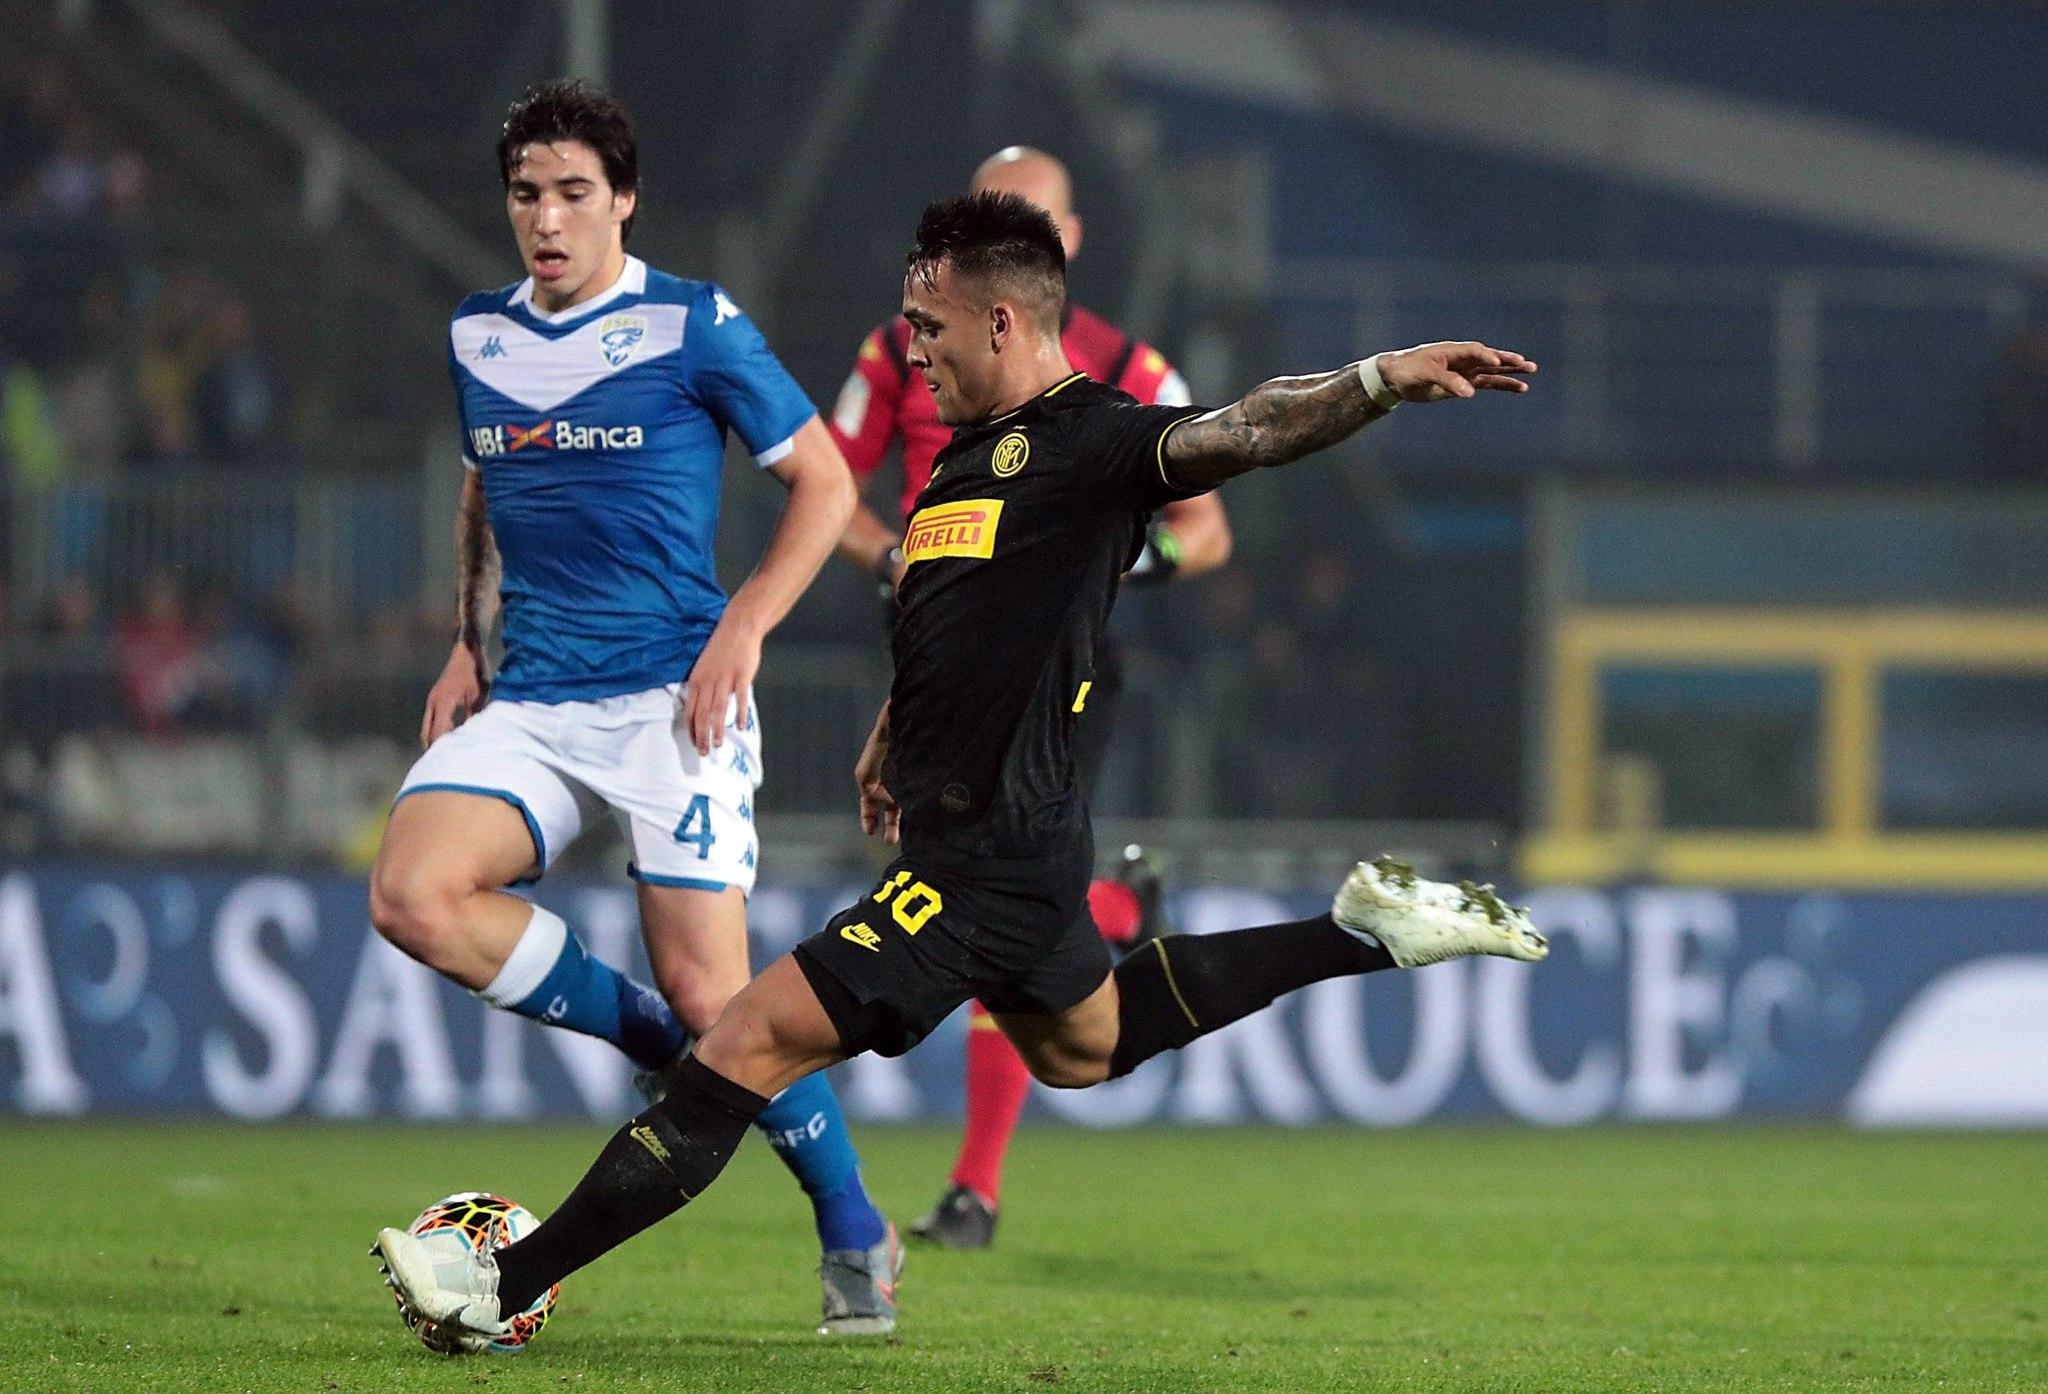 Lautaro Martínez y Lukaku siguen imparables y derrotan al Brescia